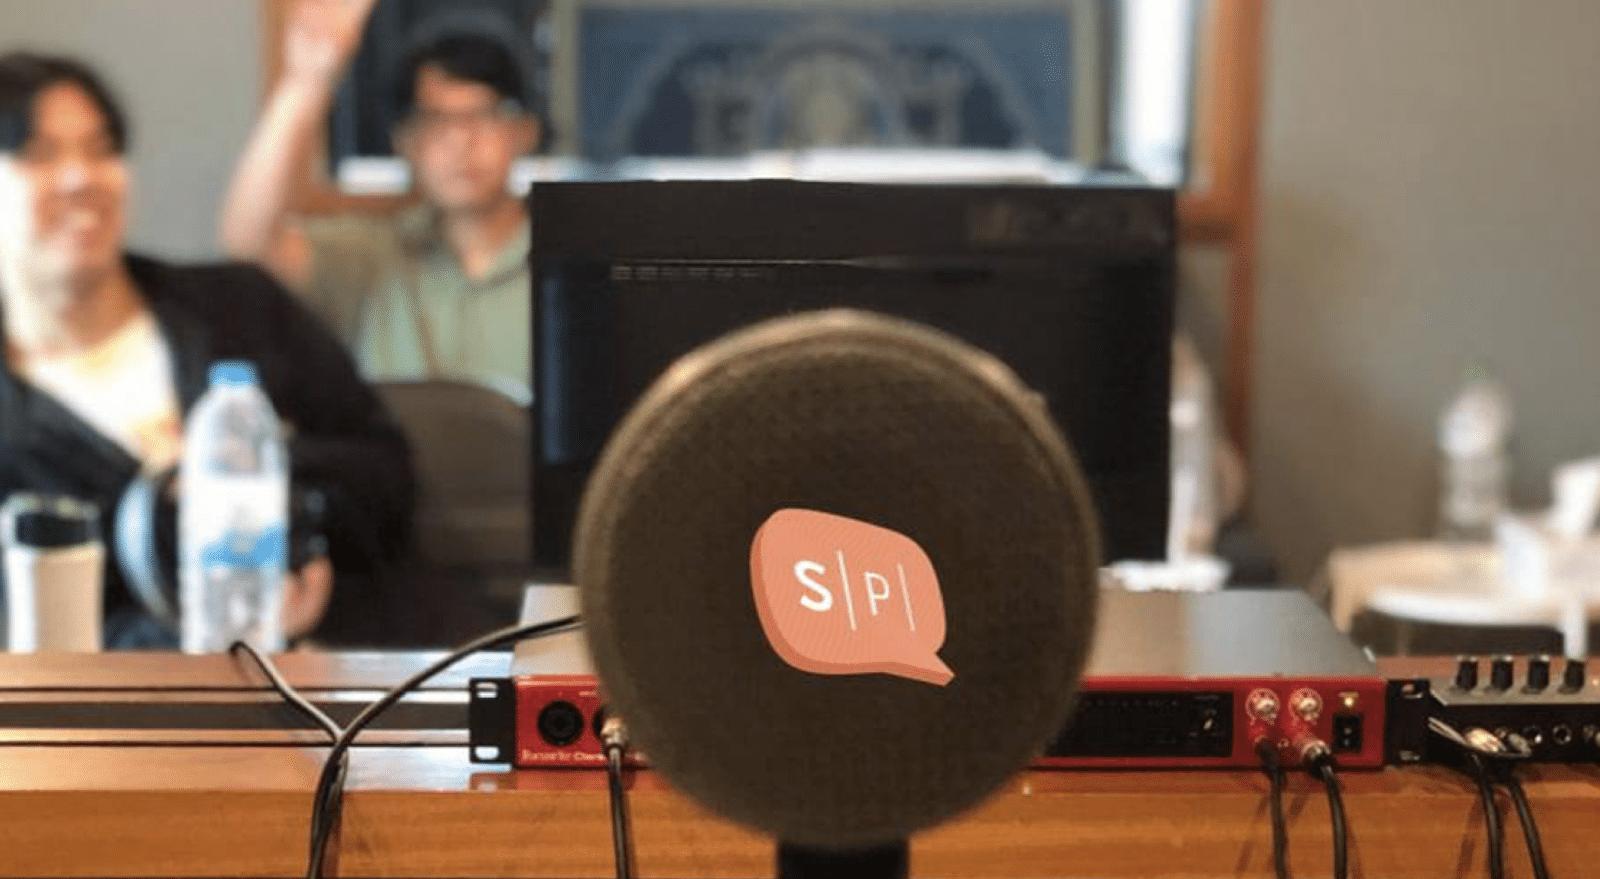 Salmon ประกาศเปิดตัว Podcast 7 รายการ ปล่อยตอนแรก 26 กันยายน